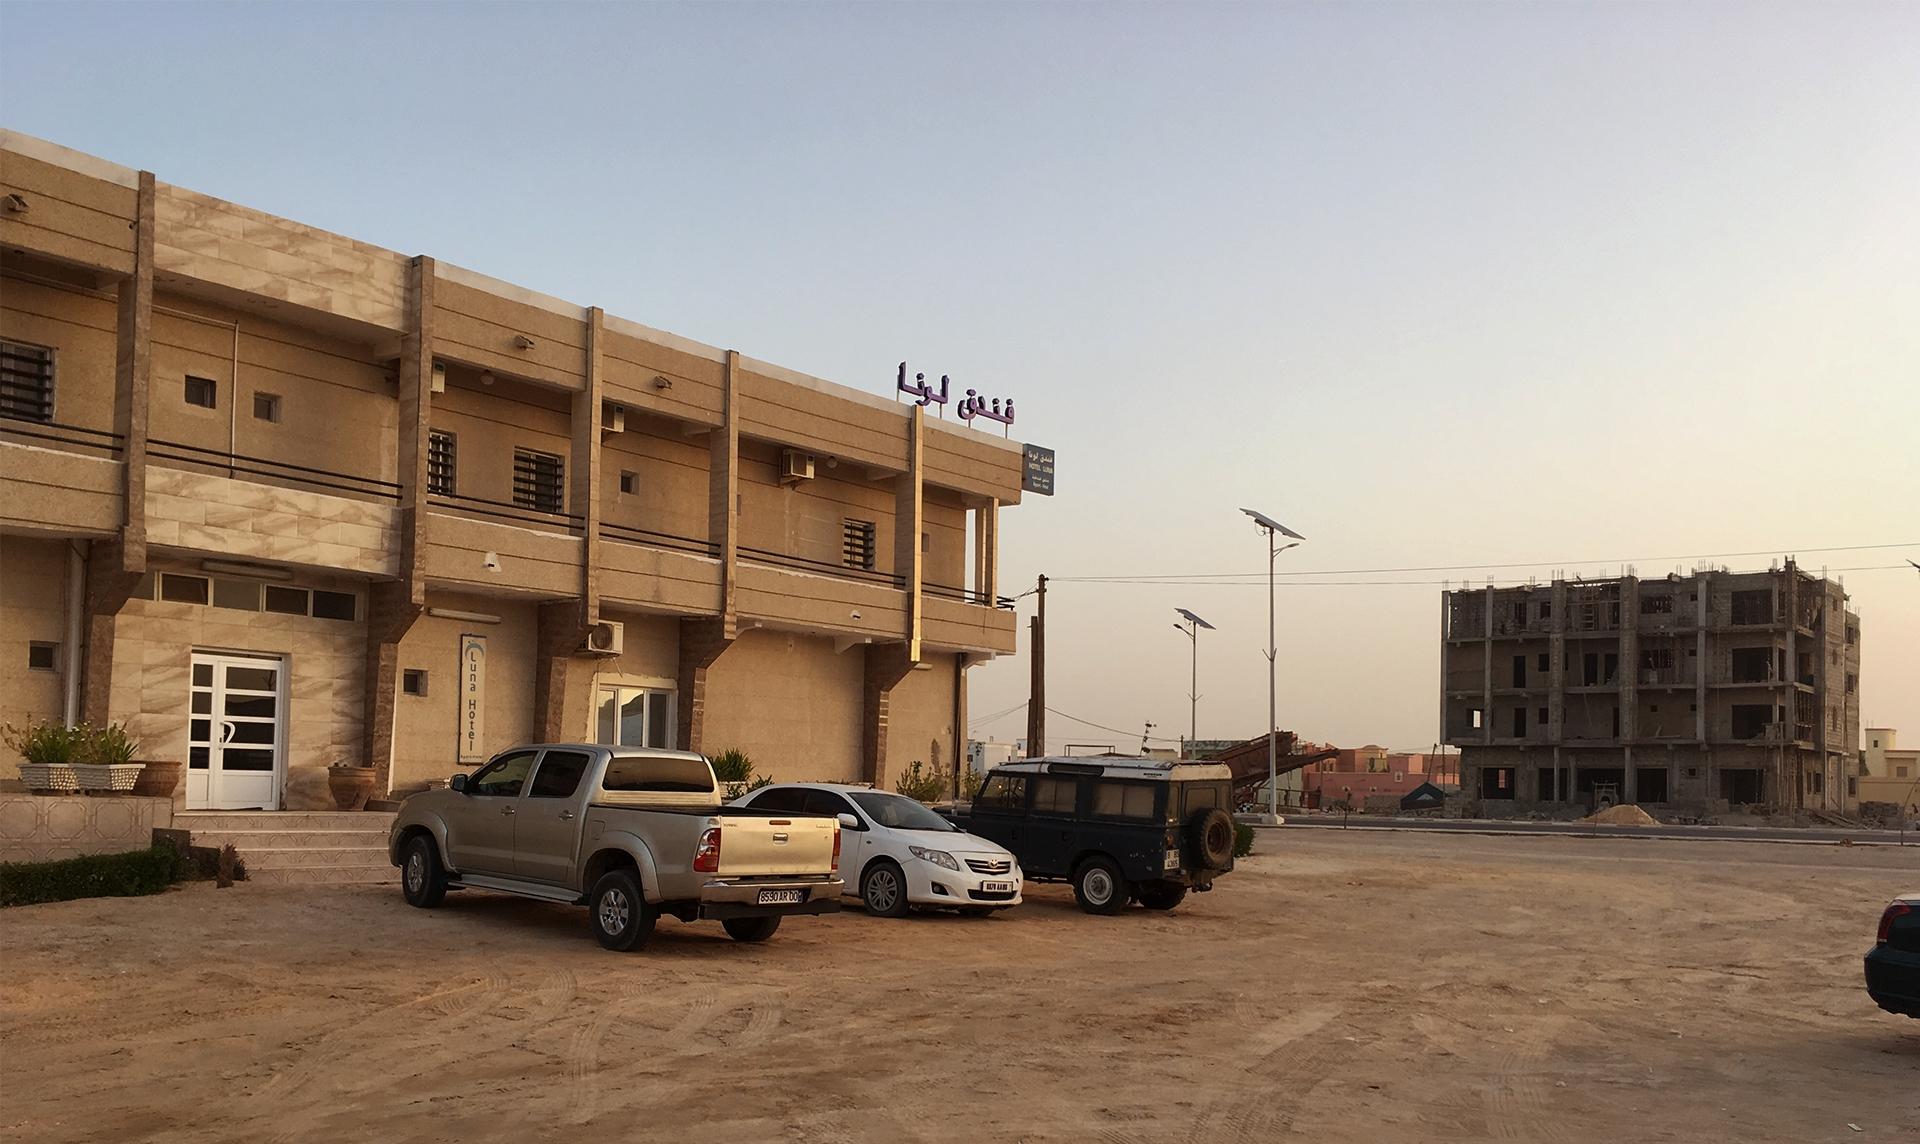 hotel nouakchott mauritania pablocaminante - Mauritania 3/5, Nouakchott